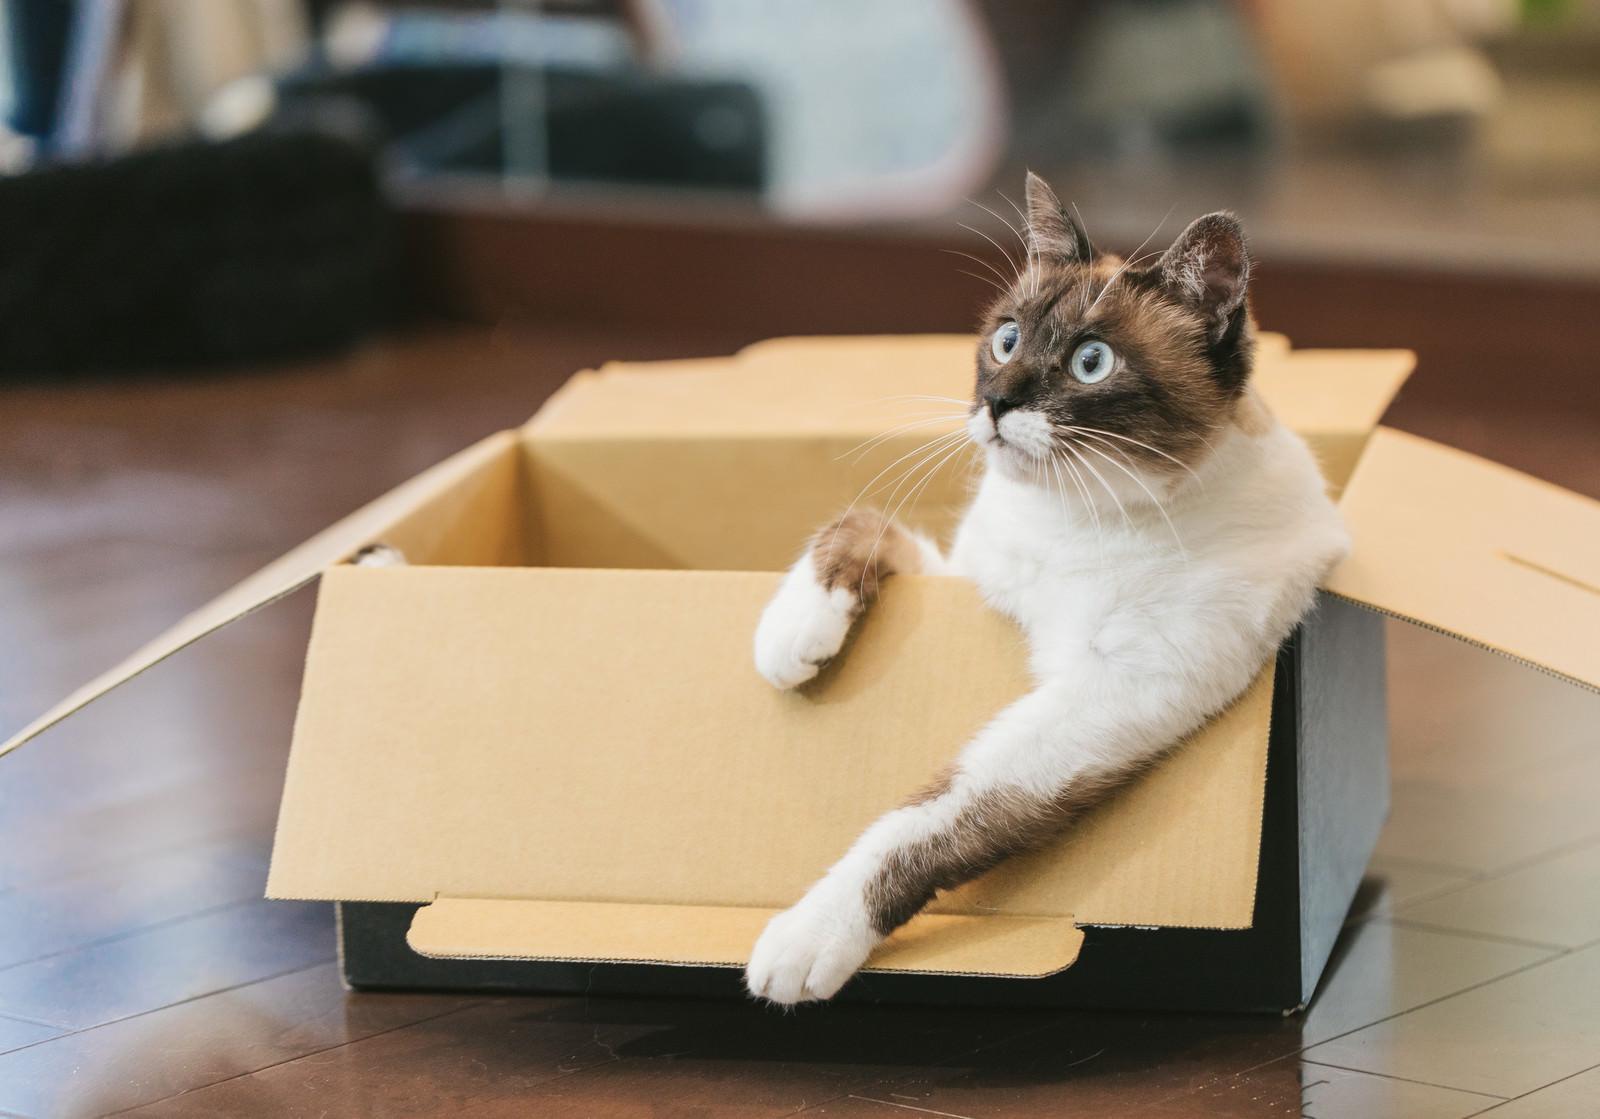 「ダンボール箱でくつろぐ猫」の写真